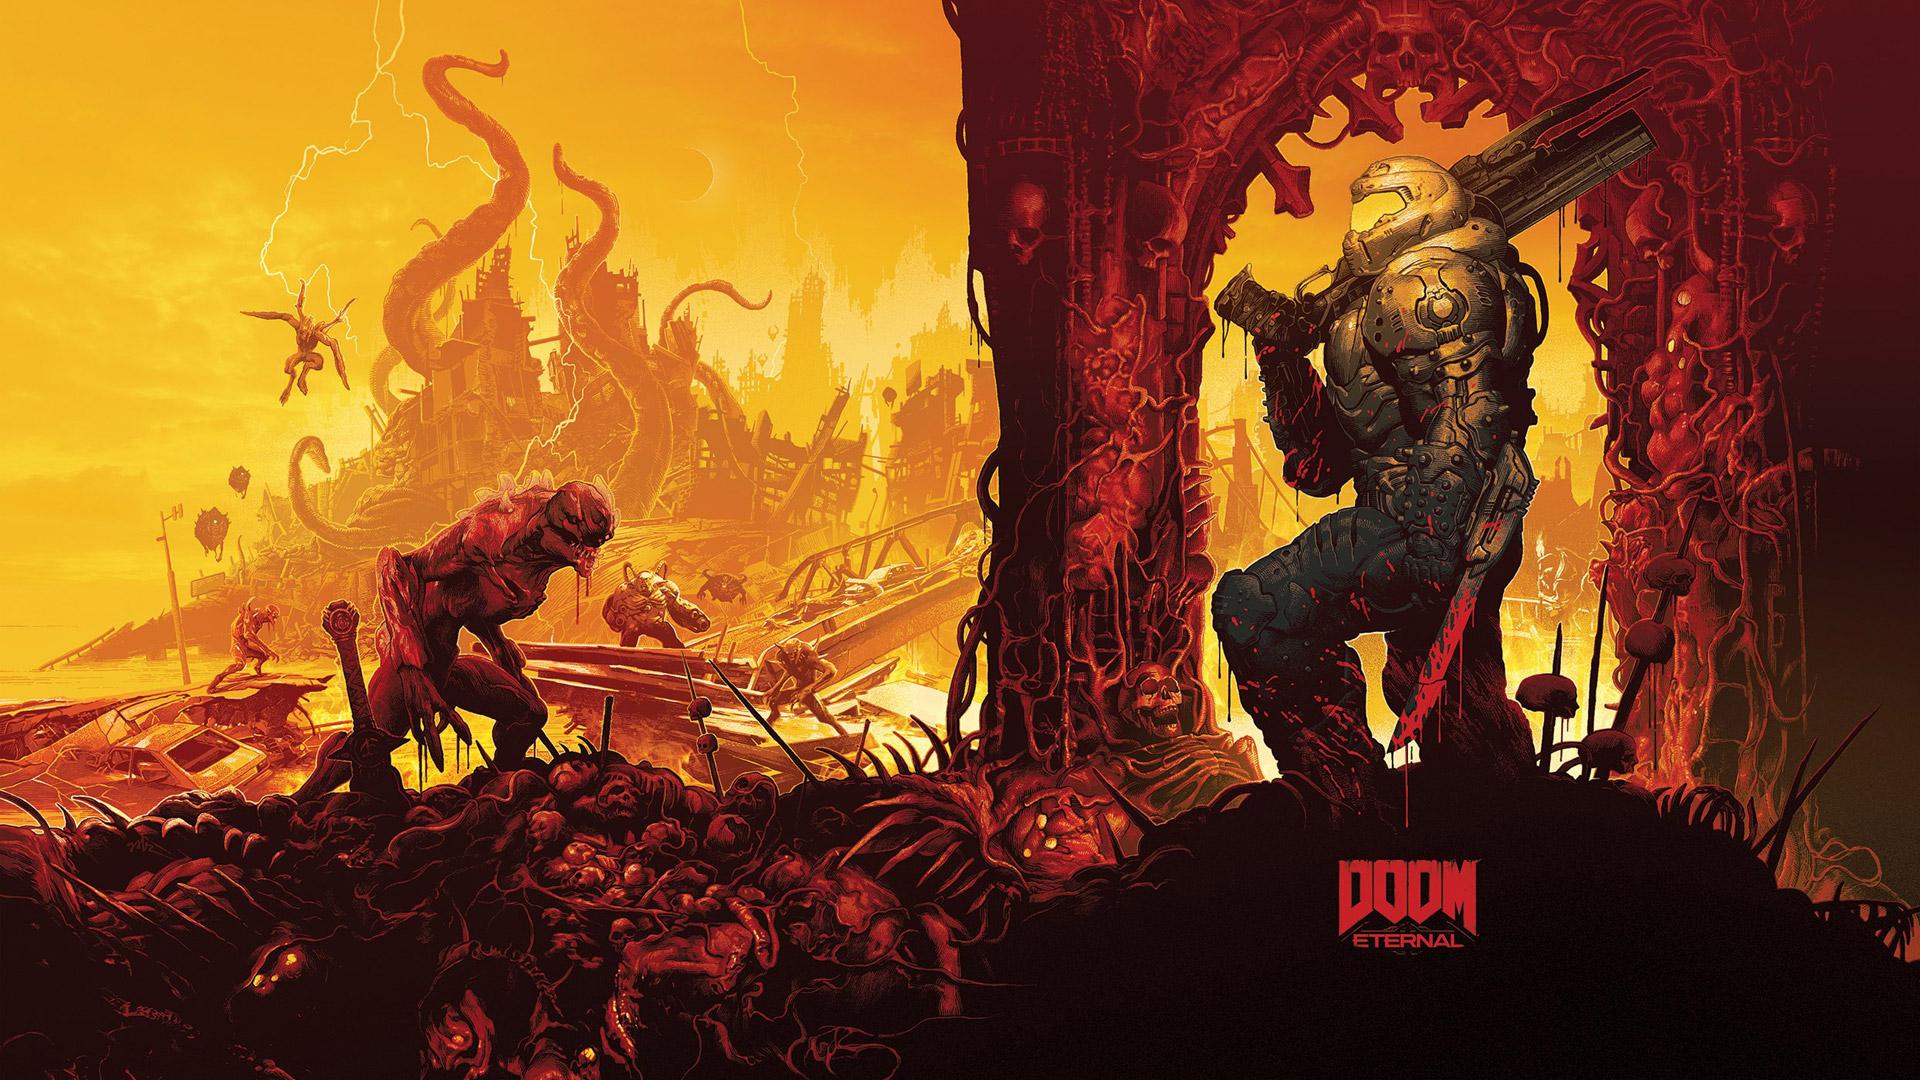 Doom Eternal Wallpaper in 1920x1080